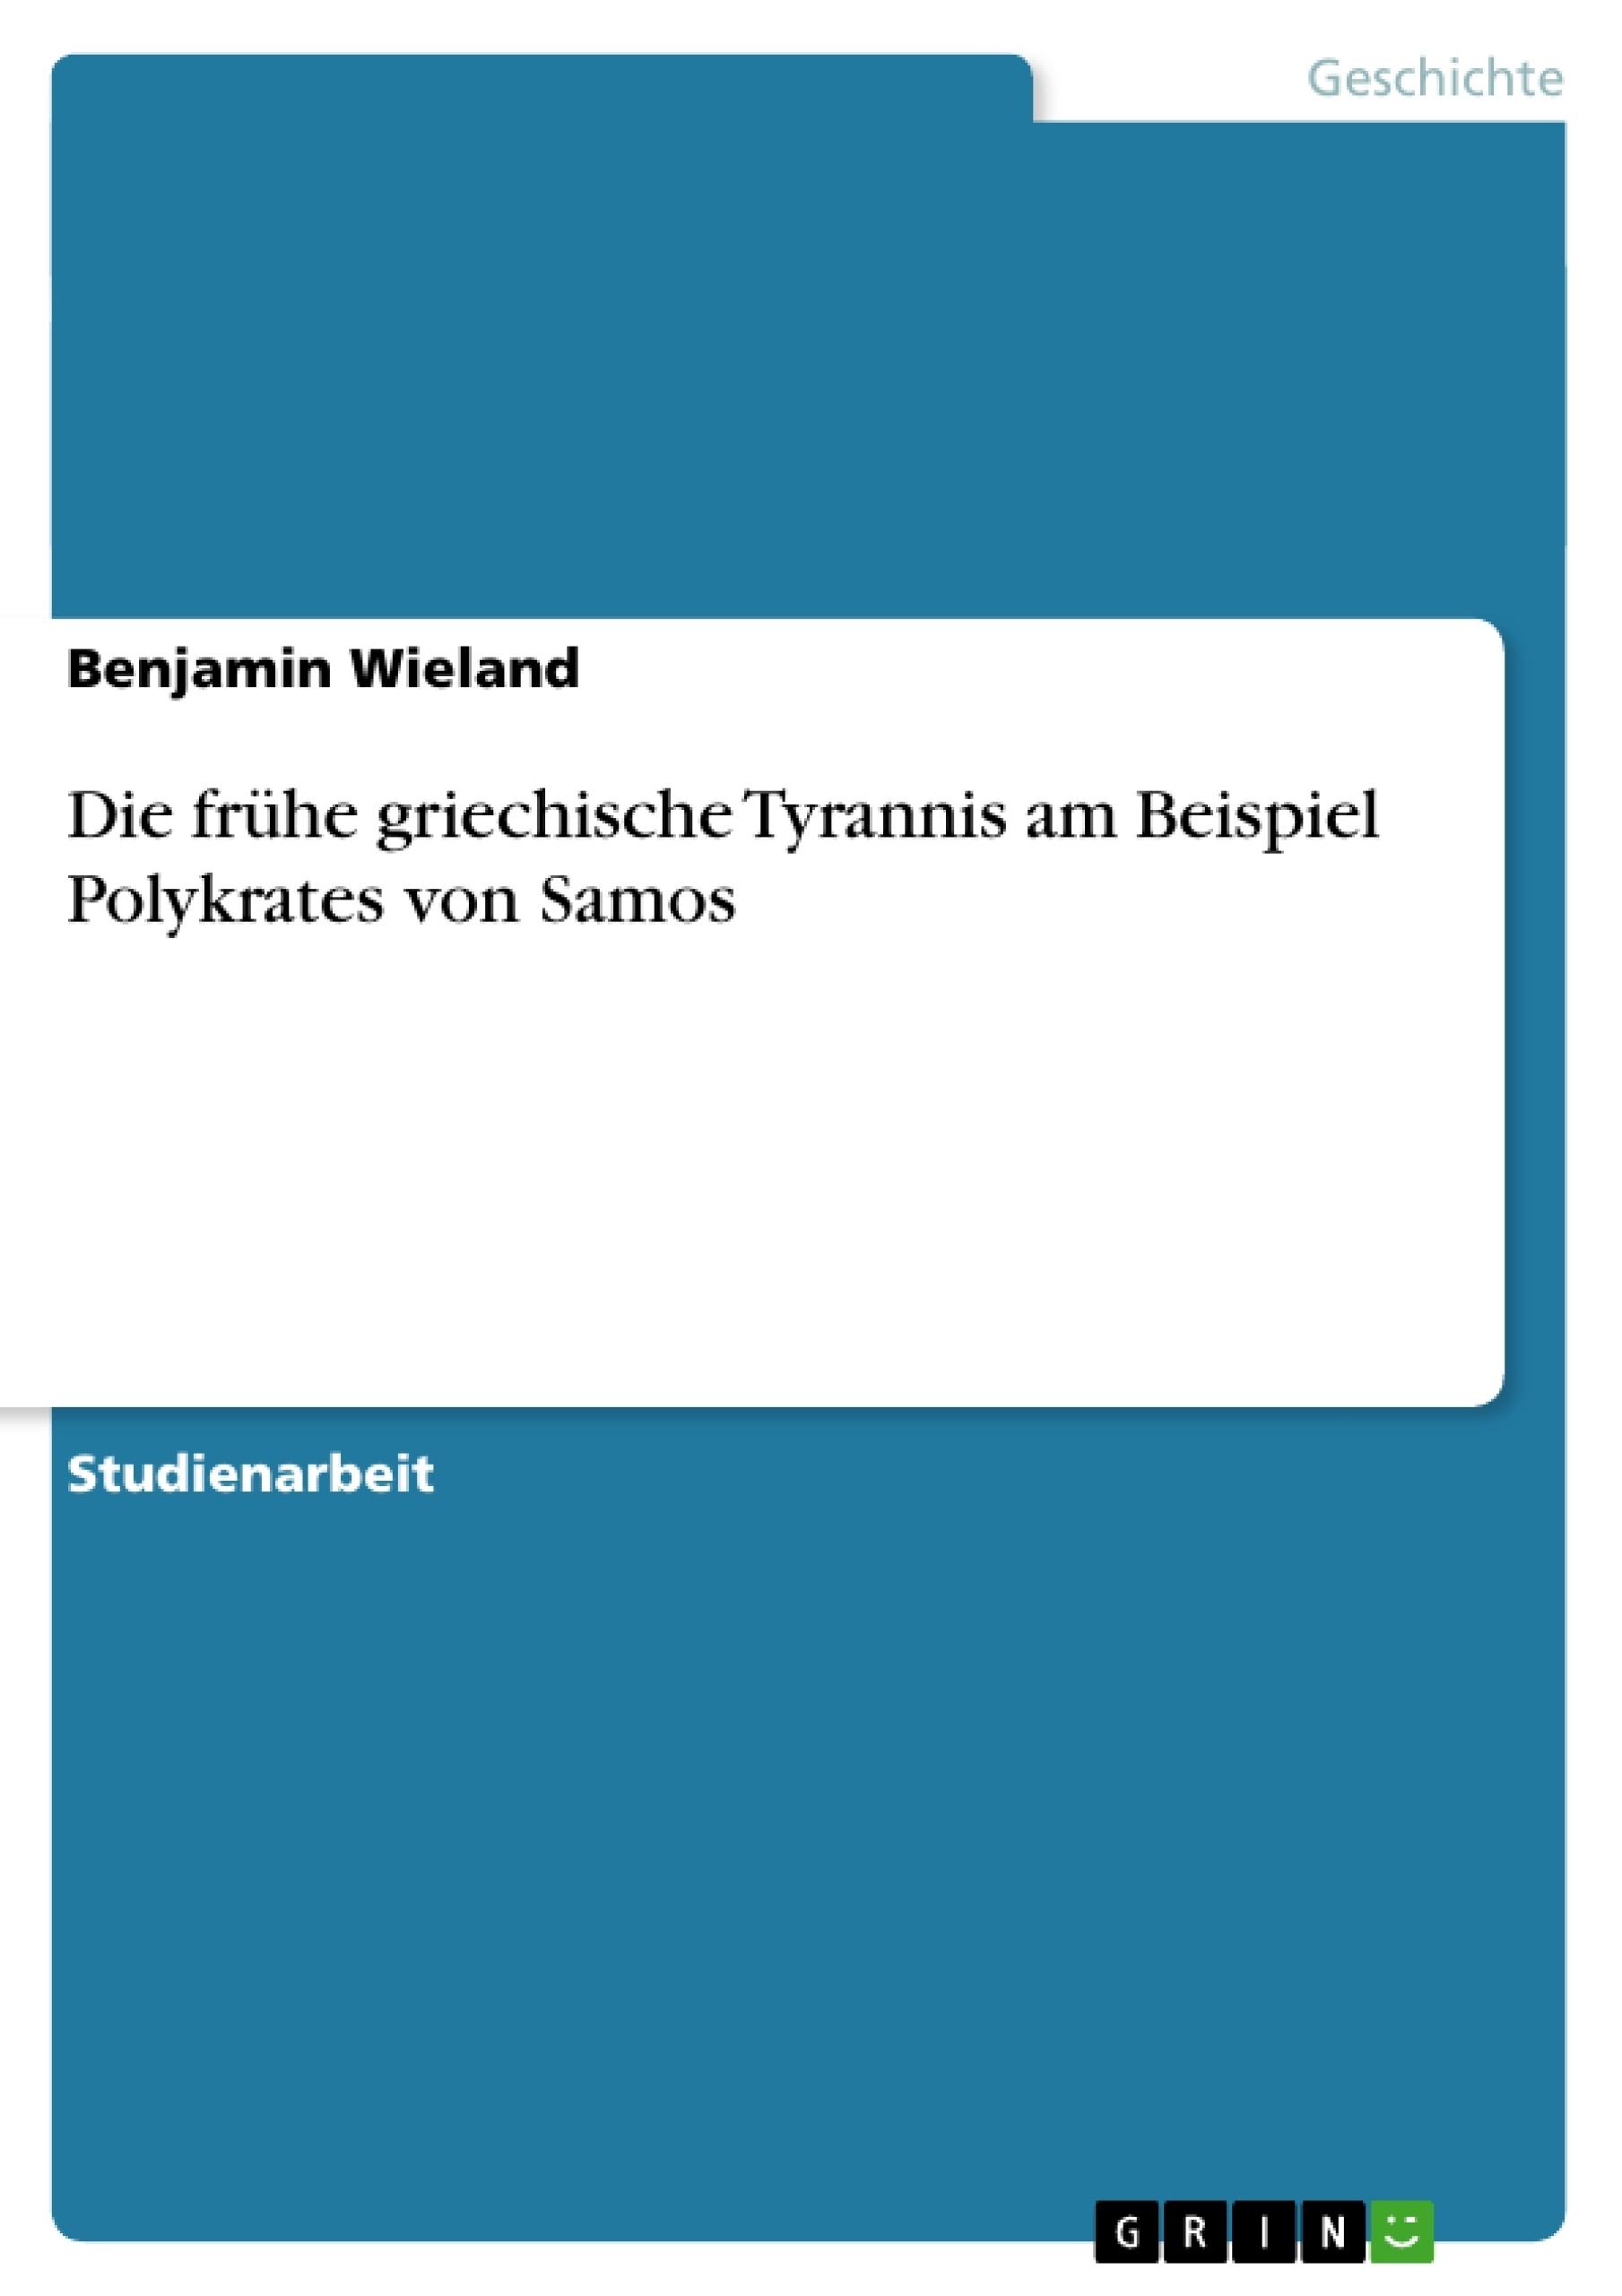 Titel: Die frühe griechische Tyrannis am Beispiel Polykrates von Samos